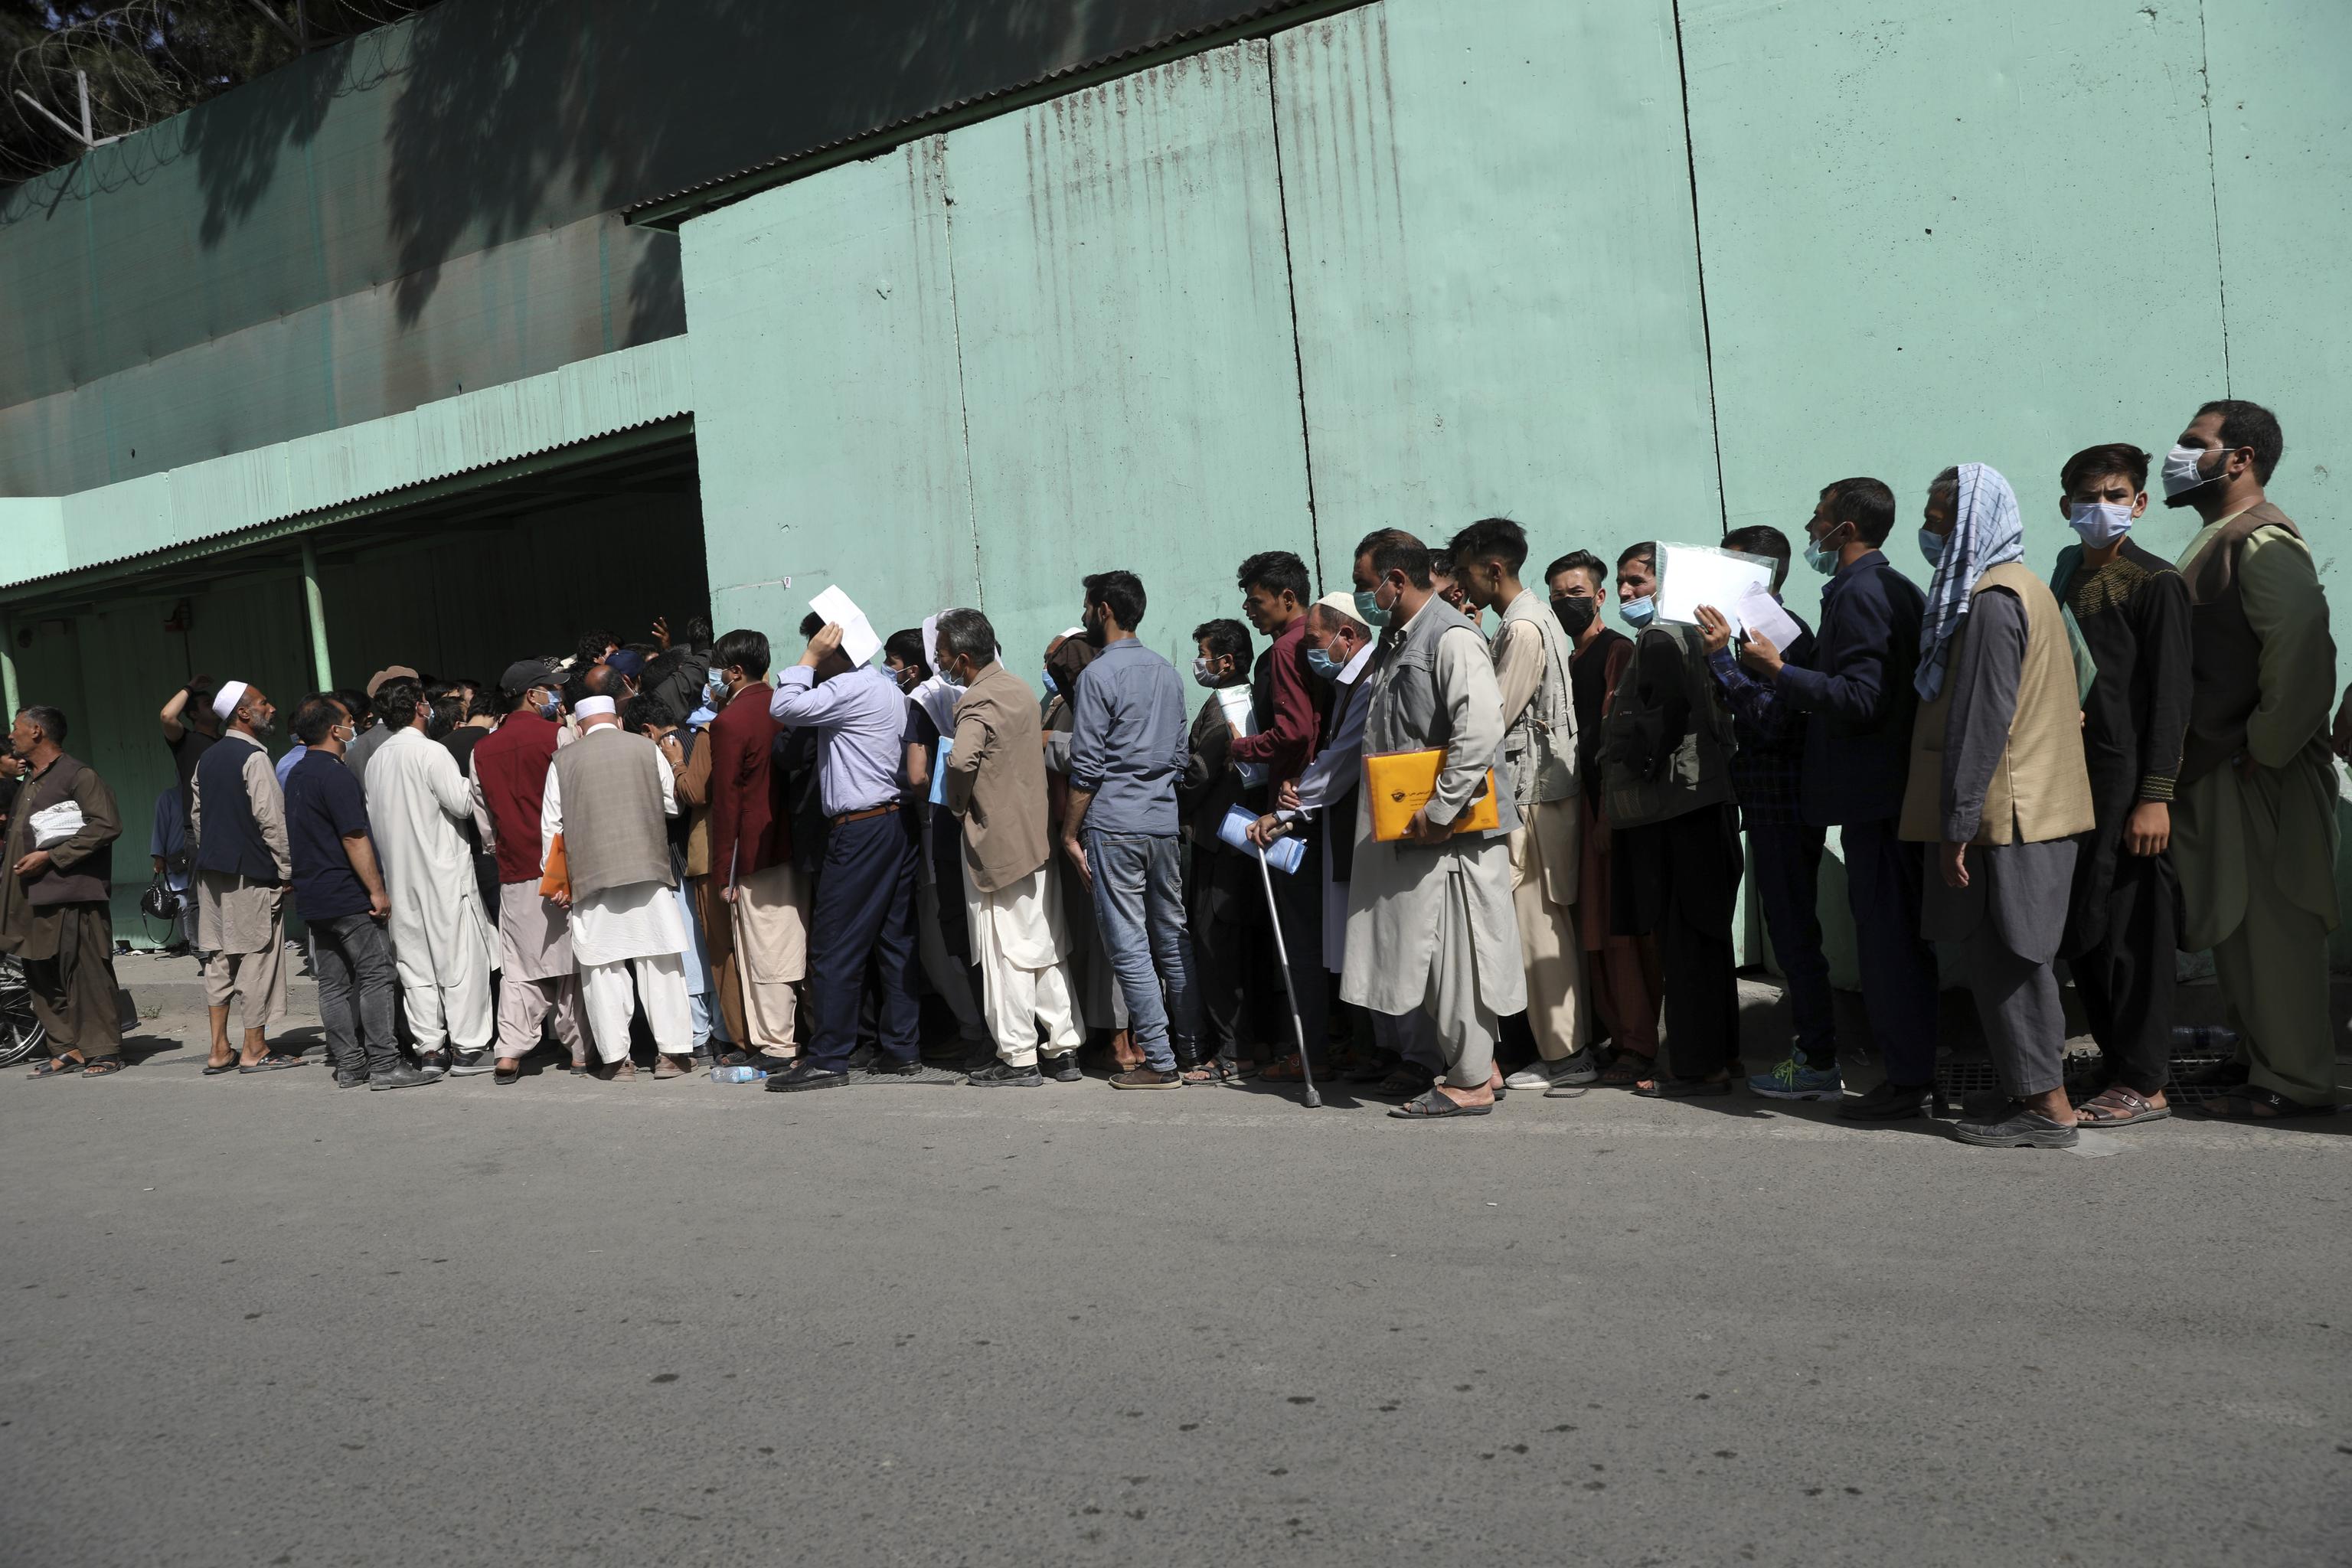 Larguas colas frente a la embajada iraní en Kabul para conseguir visados.